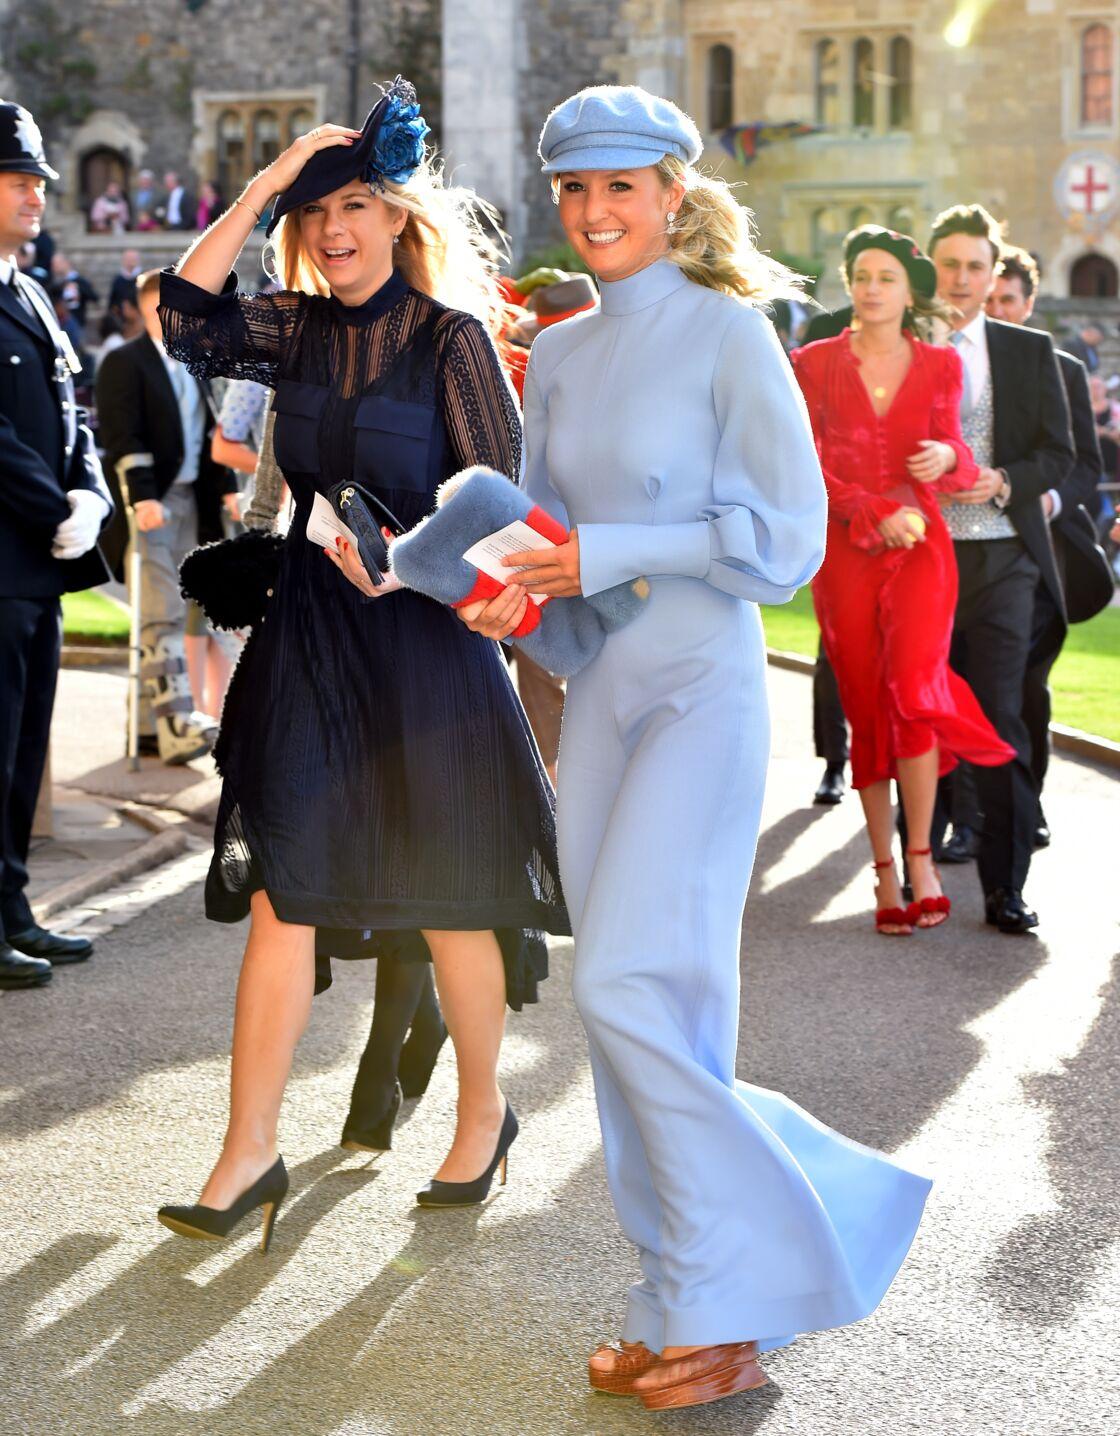 Chelsy Davy aux abords de la chapelle St George, à Windsor, le jour du mariage d'Harry et Meghan Markle, en mai 2018.